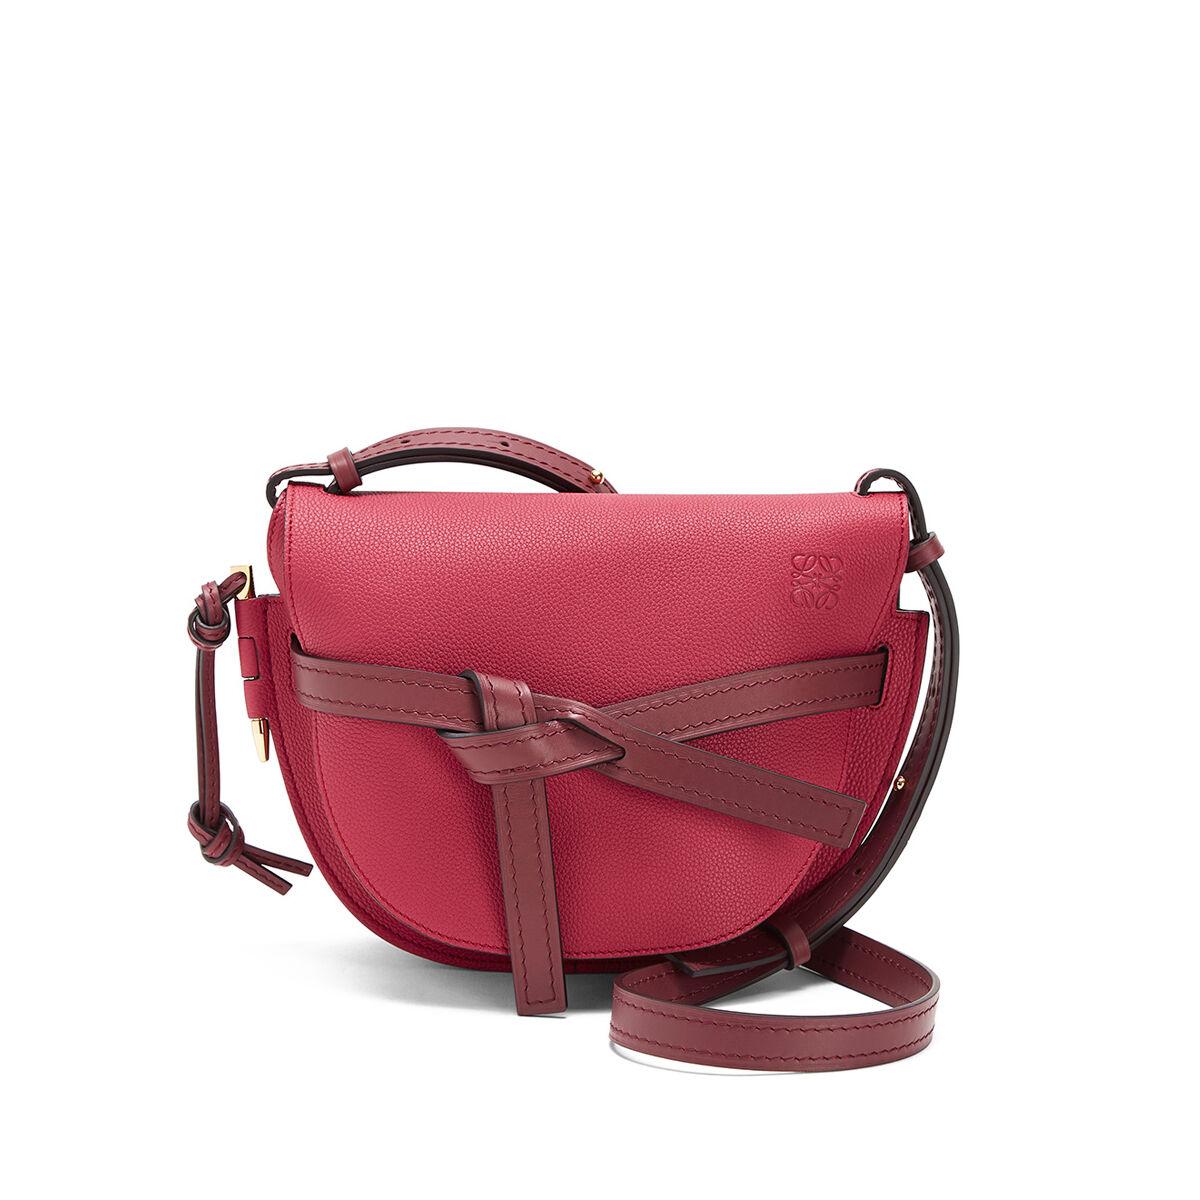 LOEWE Gate Small Bag Raspberry/Wine all